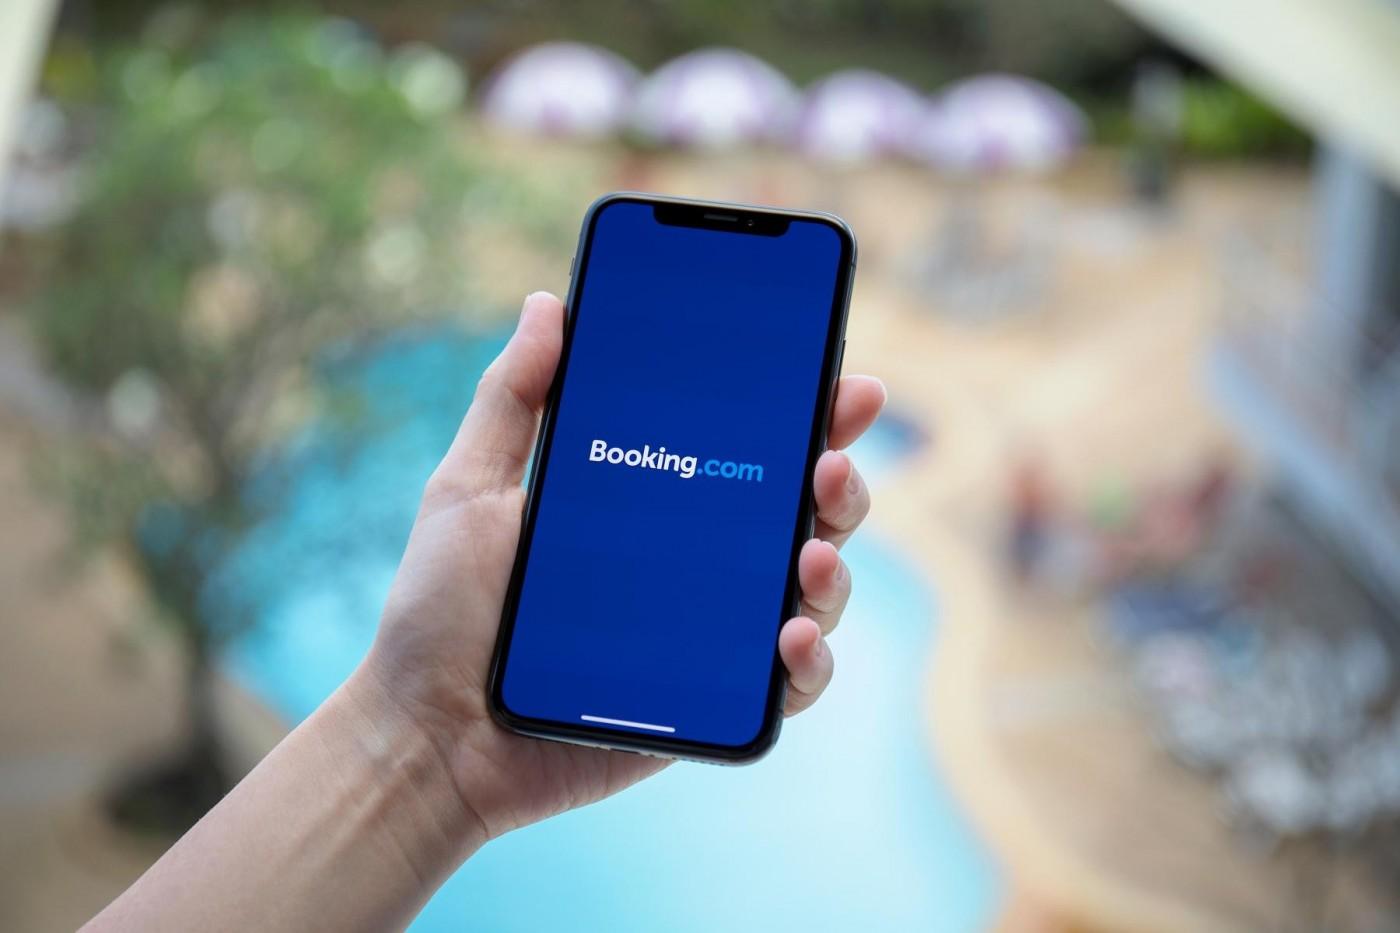 「此房型剩最後一間!」Booking.com壓力銷售術被指誤導顧客,6大訂房平台被盯上